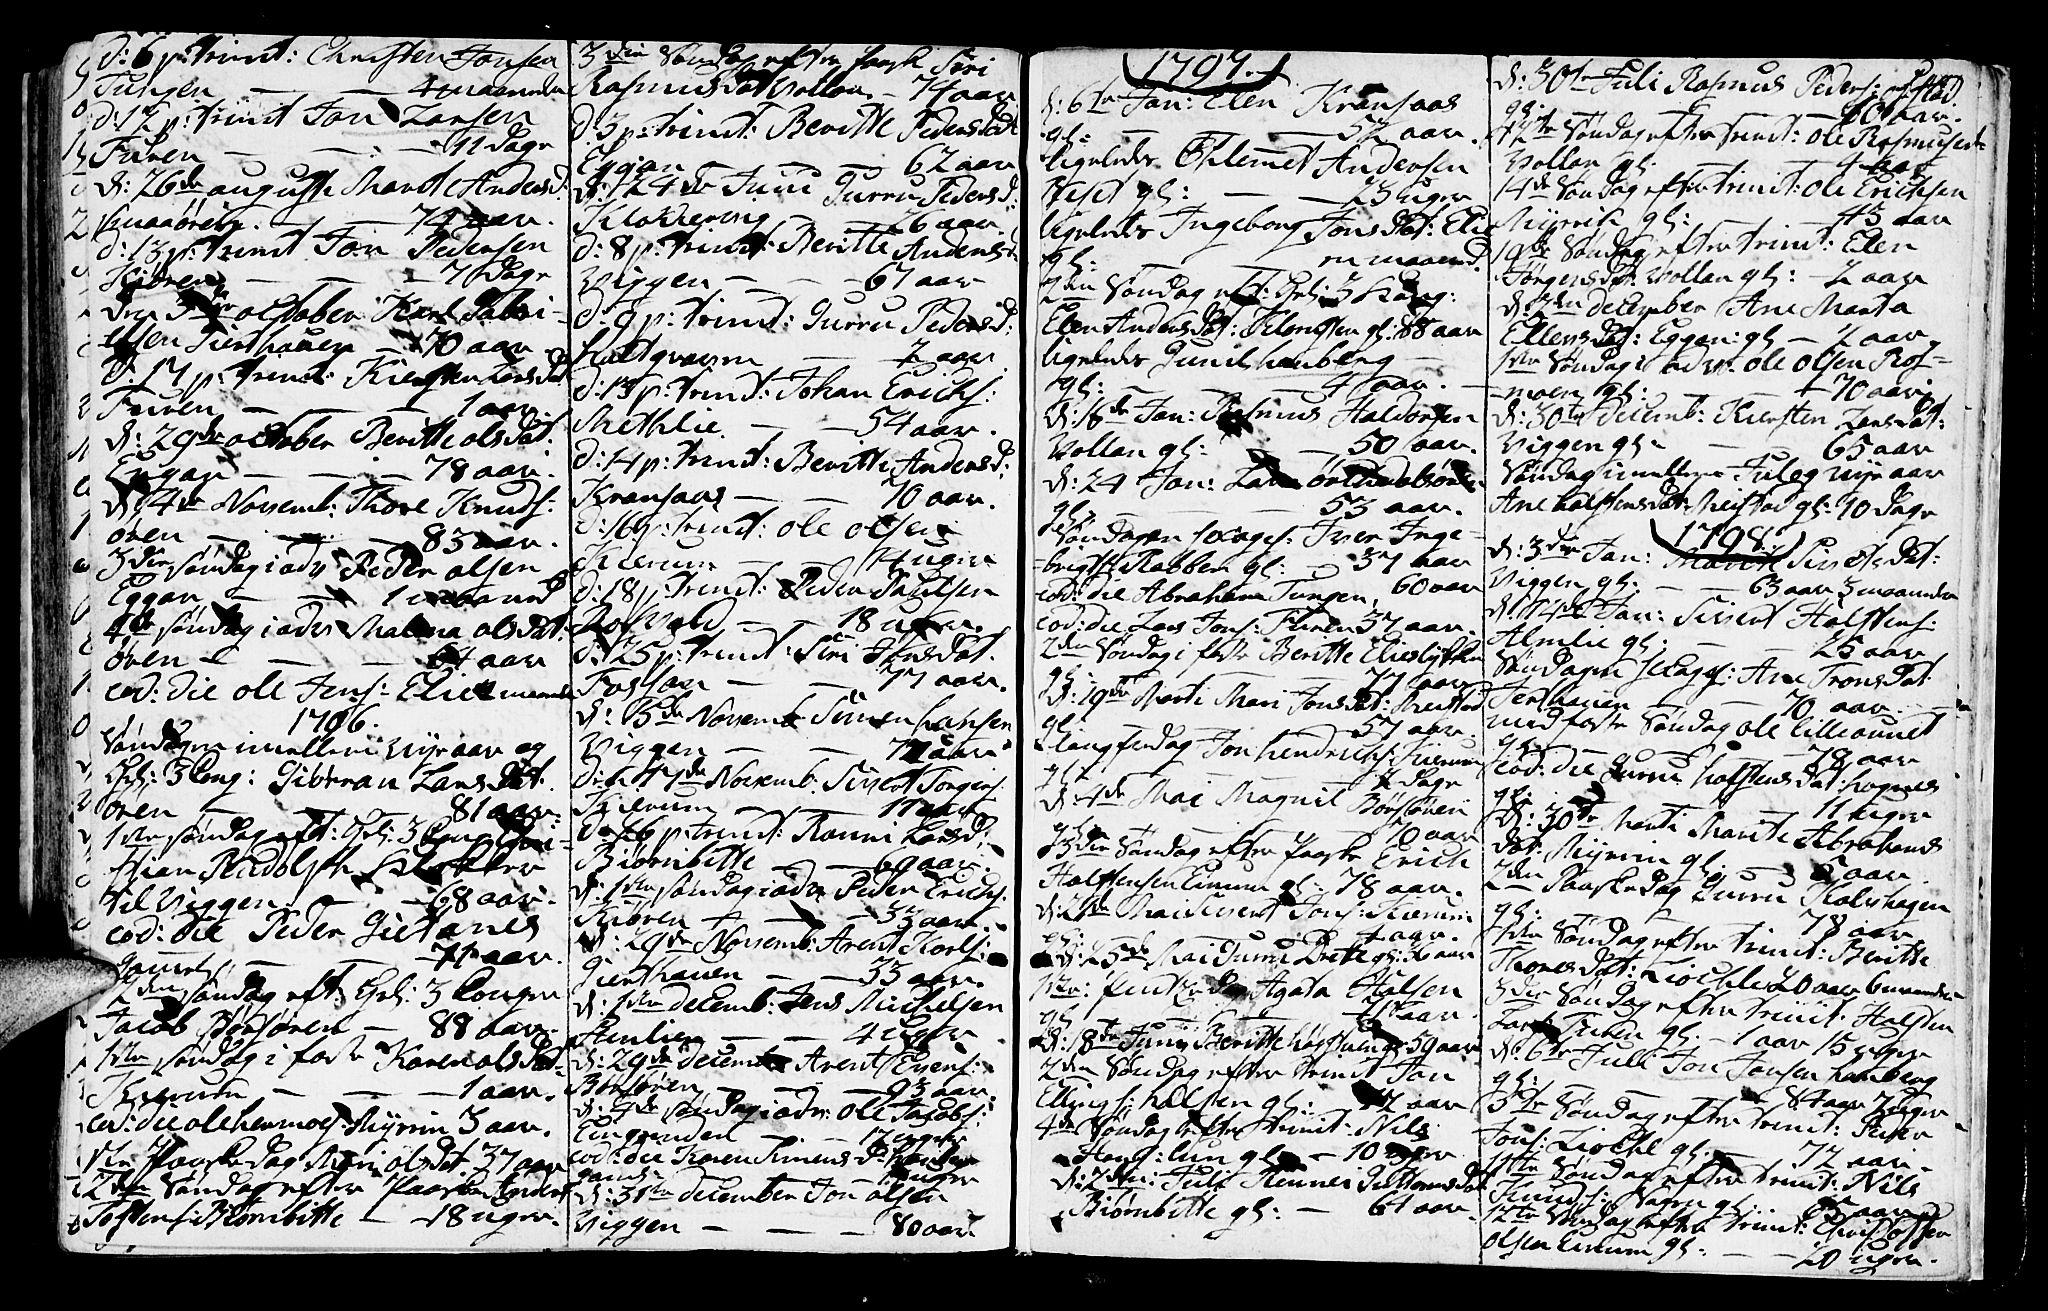 SAT, Ministerialprotokoller, klokkerbøker og fødselsregistre - Sør-Trøndelag, 665/L0768: Ministerialbok nr. 665A03, 1754-1803, s. 171